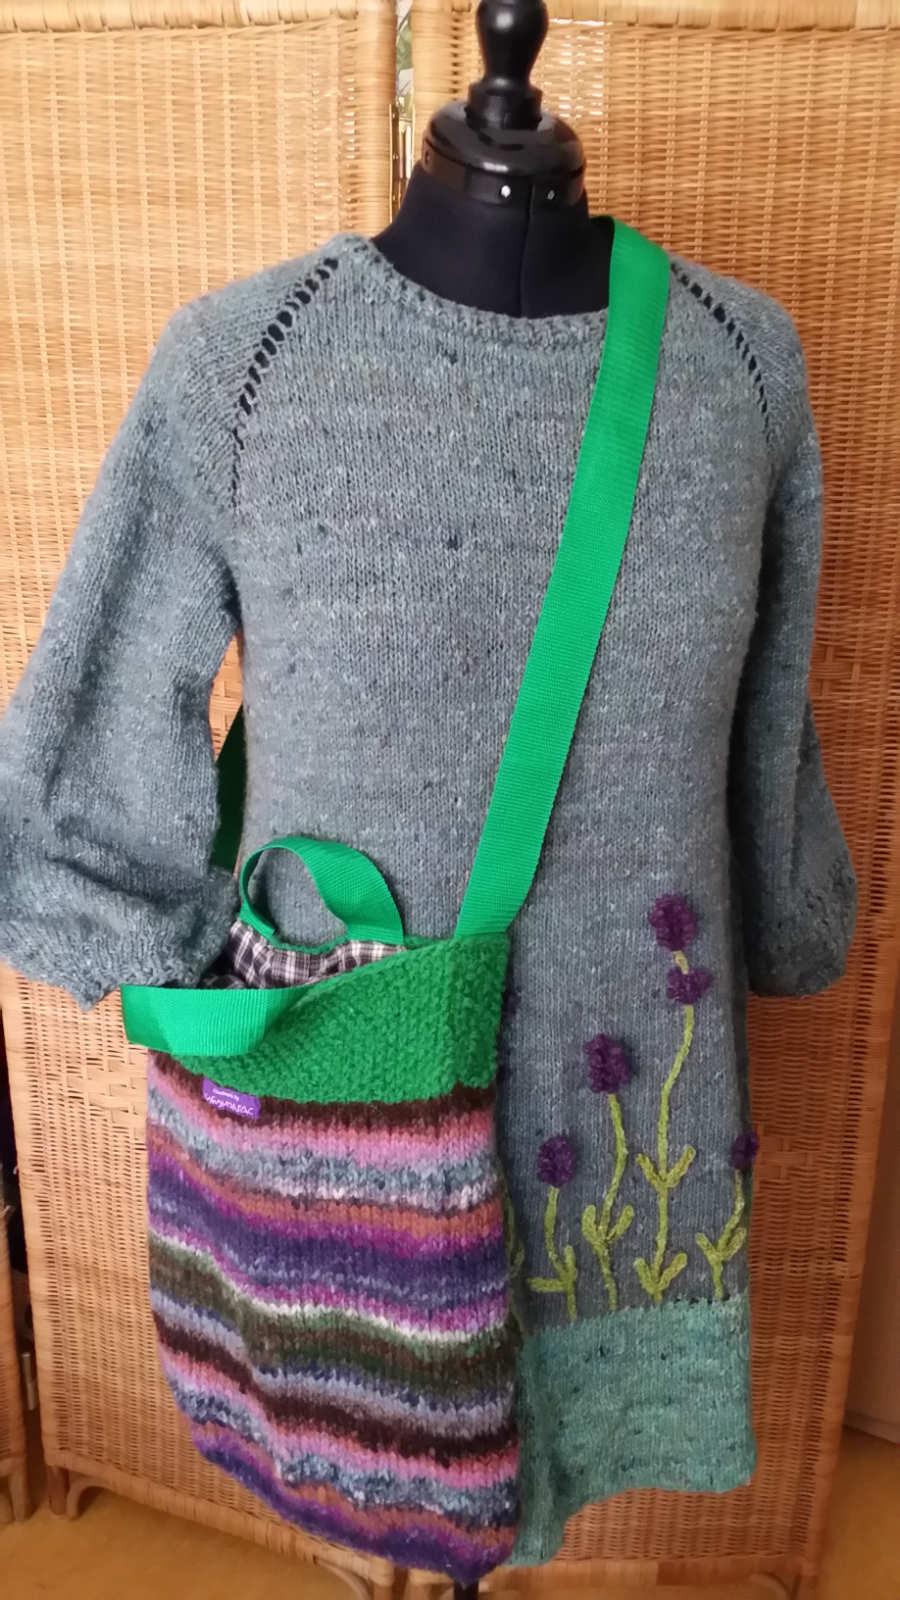 RVO Strickkleid Lavendel aus Noro Silk Garden Sock solo, hier mit gestrickter Tasche aus Noro Bachi und Noro Silk Garden Light solo. Foto: Noromaniac - Katrin Walter